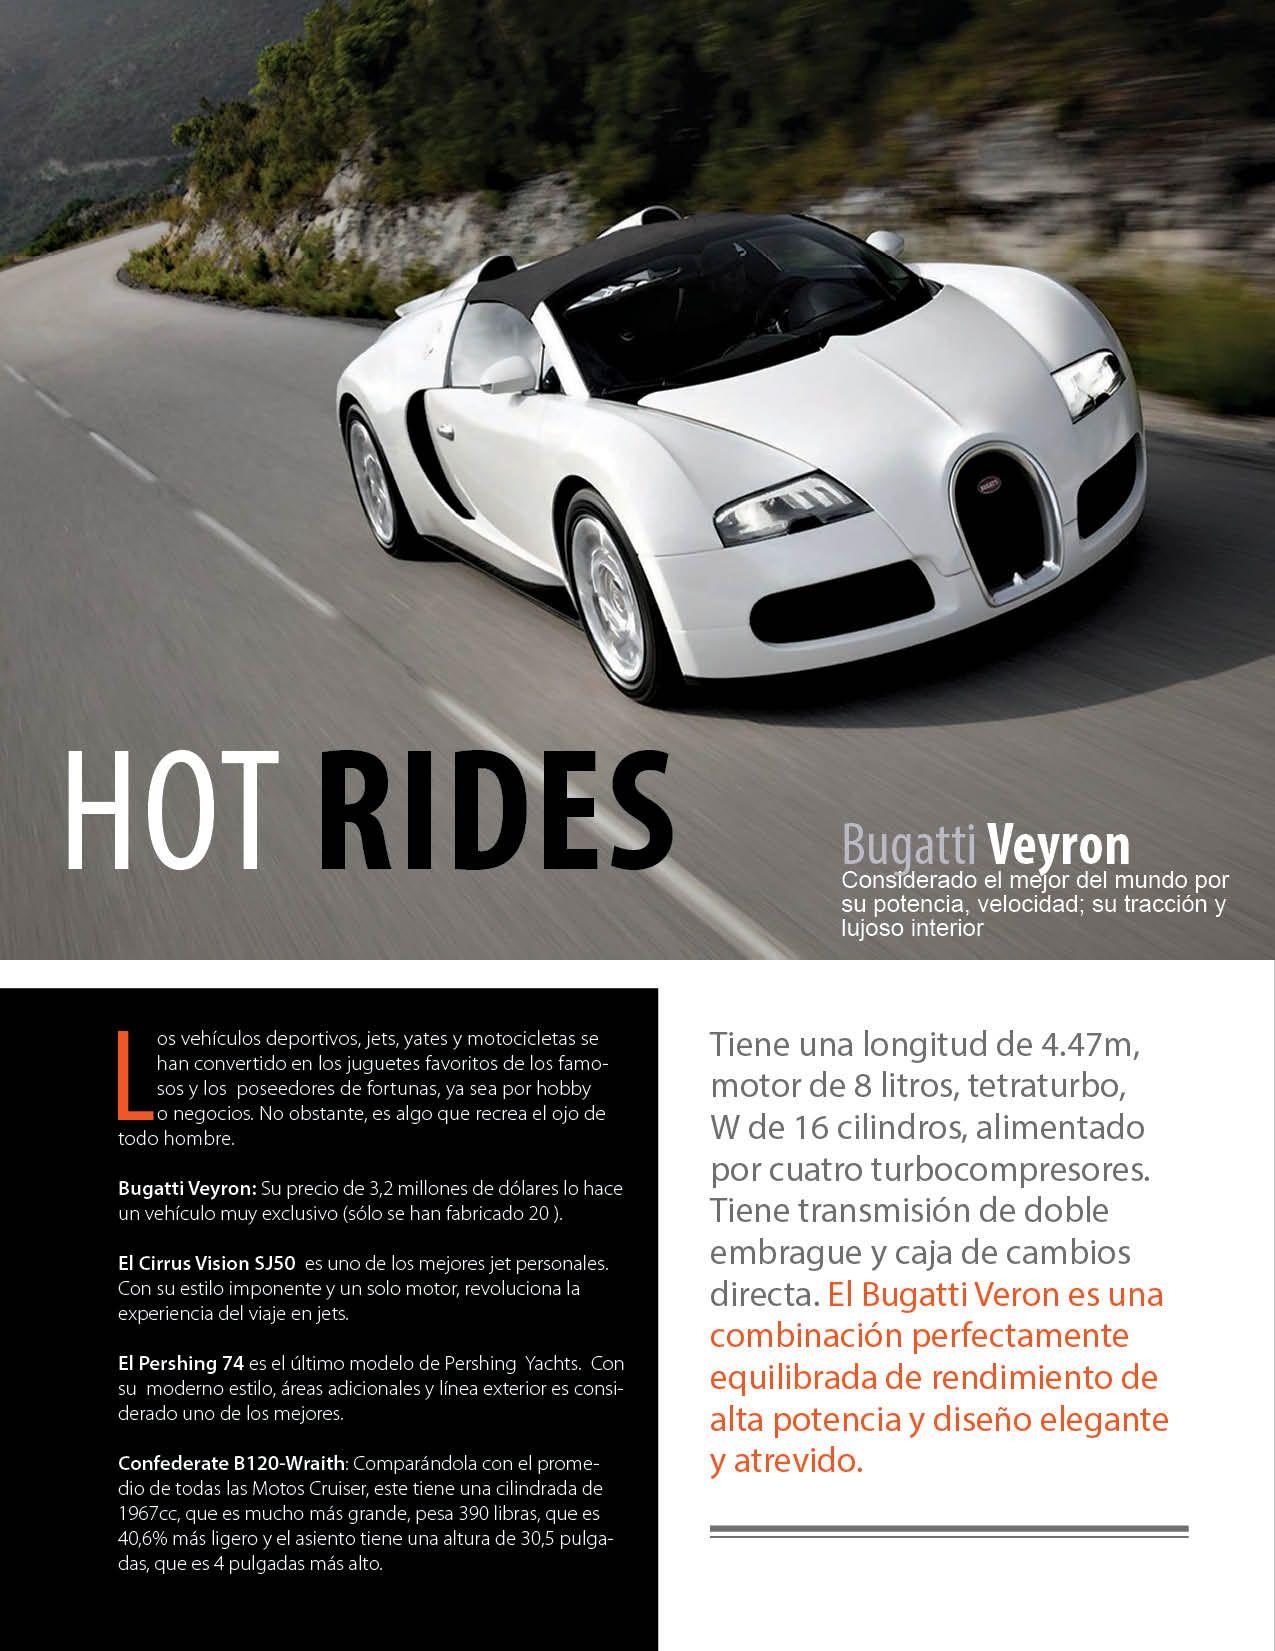 Bugatti Veyron Considerado El Mejor Carro Del Mundo En Eventos